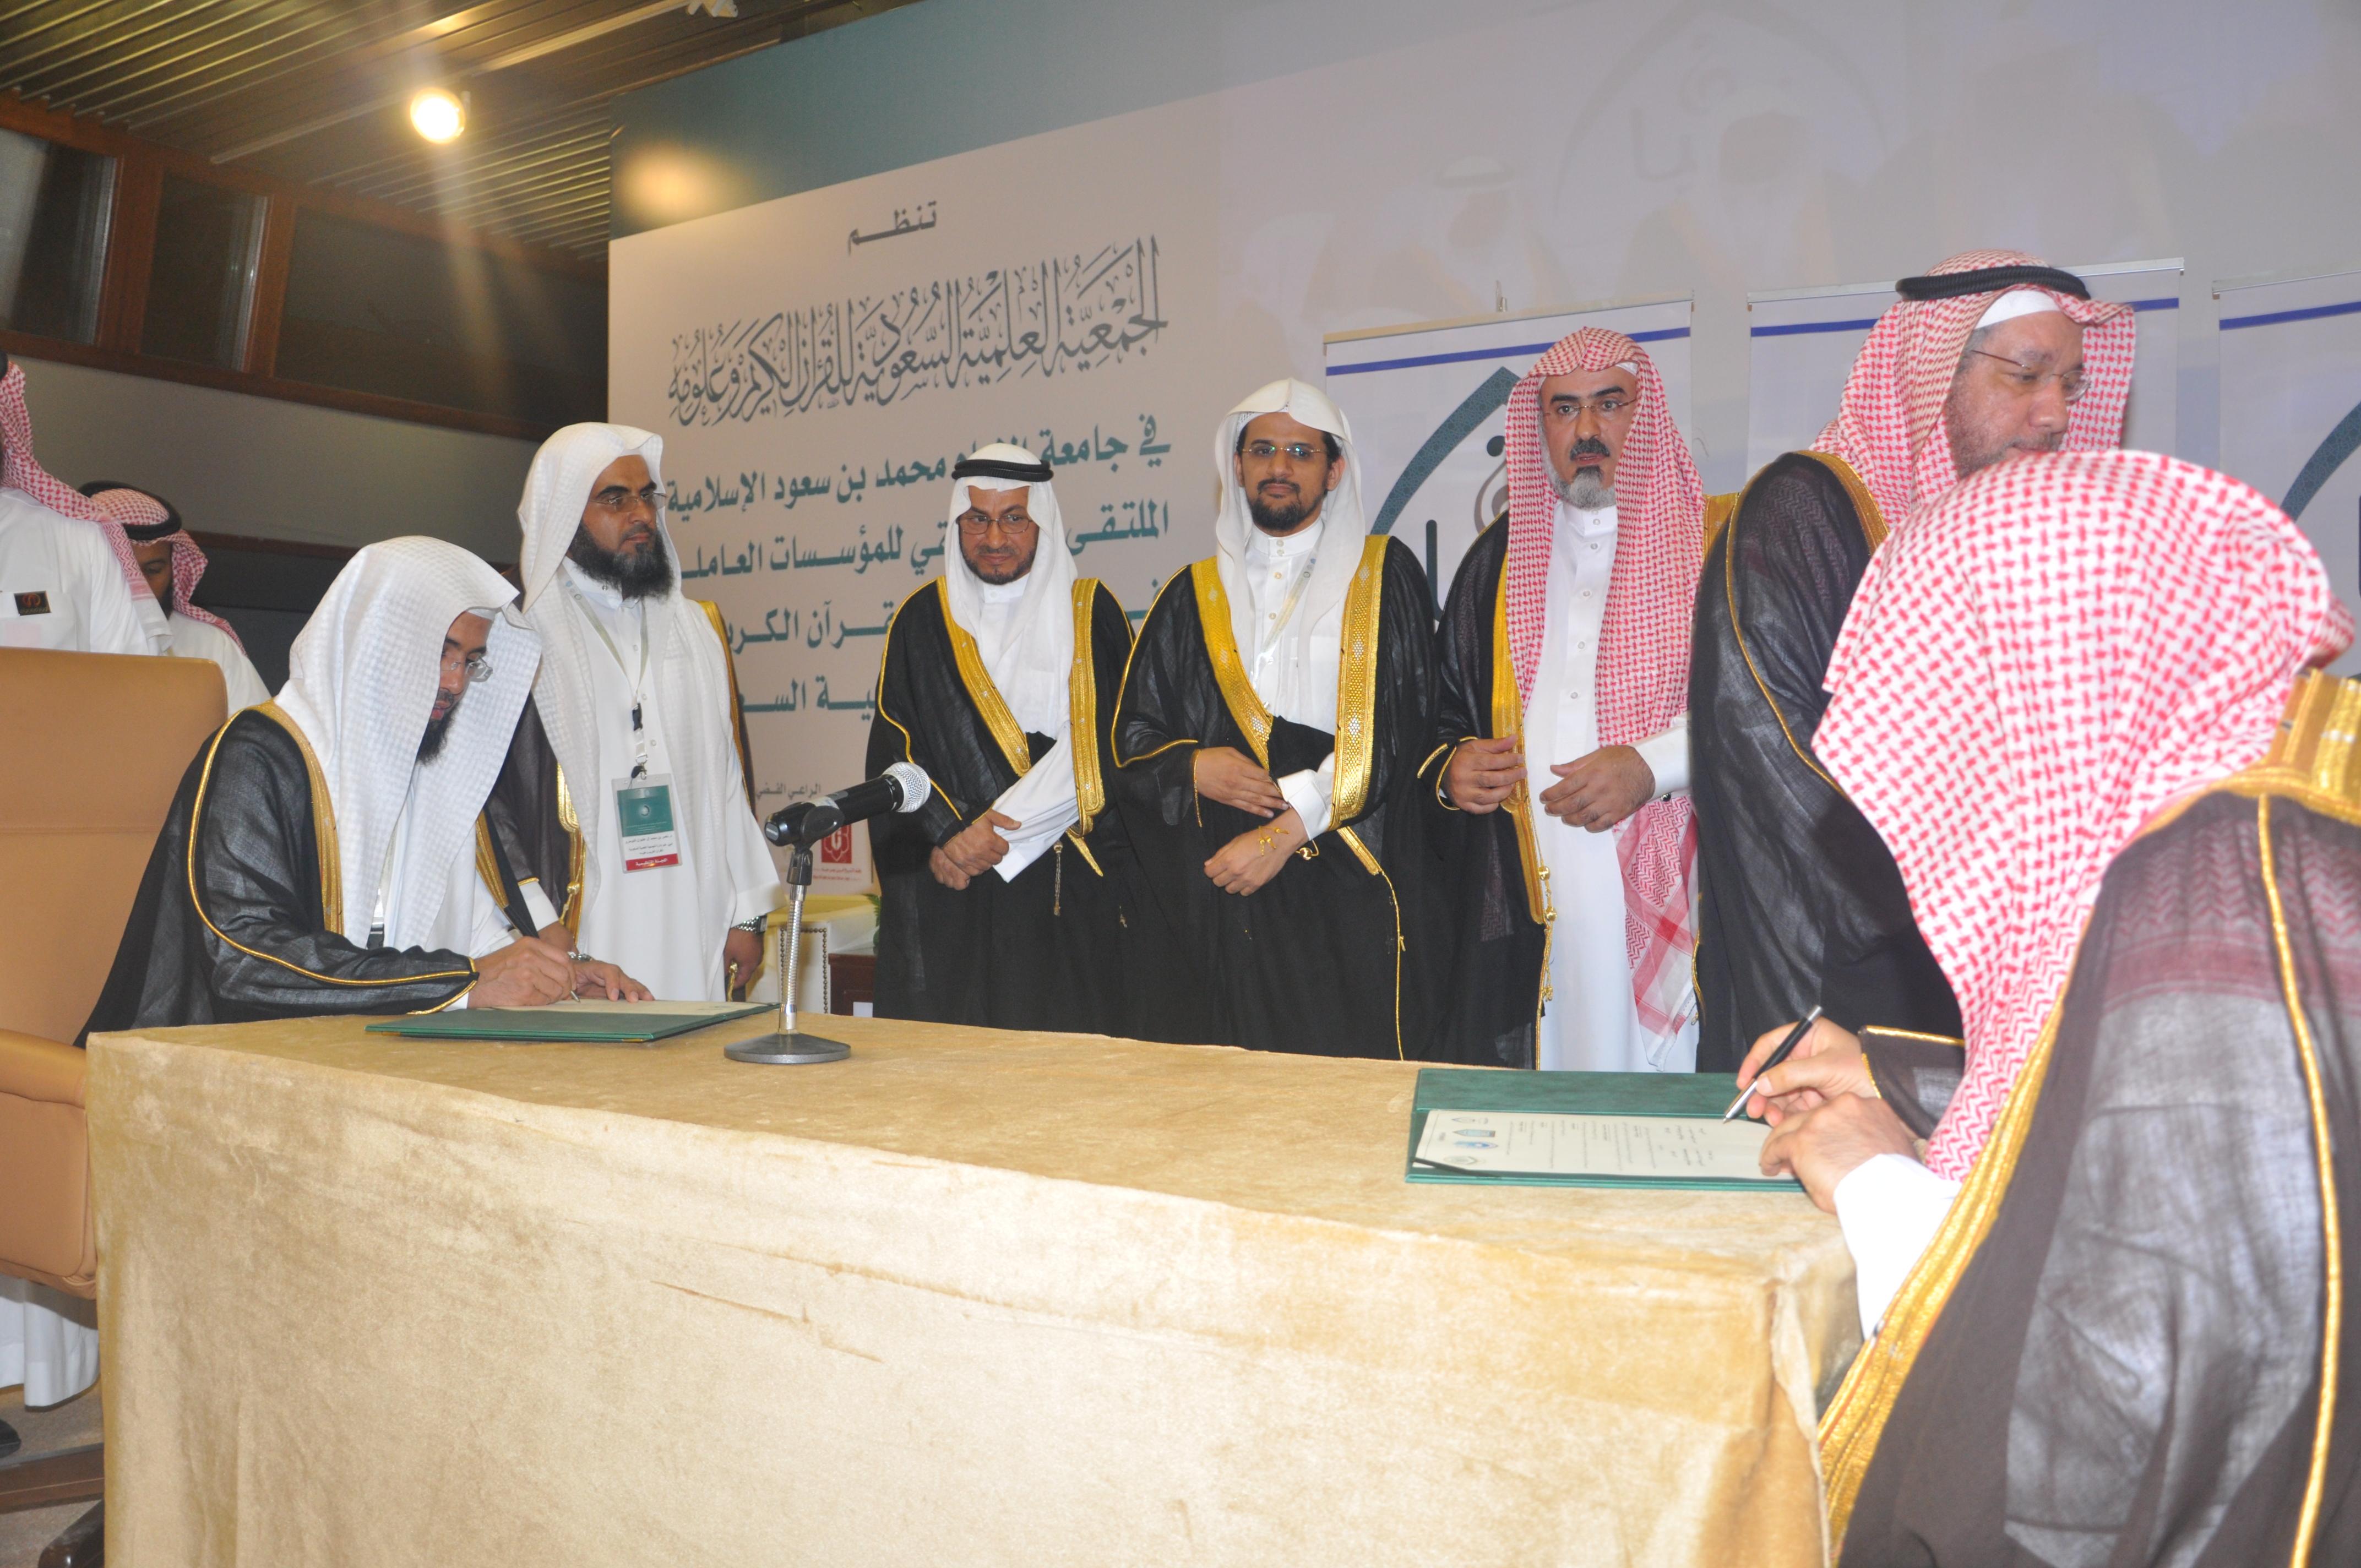 اتفاقية تعاون بين كرسي تعليم القرآن وإقرائه والجمعية العلمية السعودية للقرآن